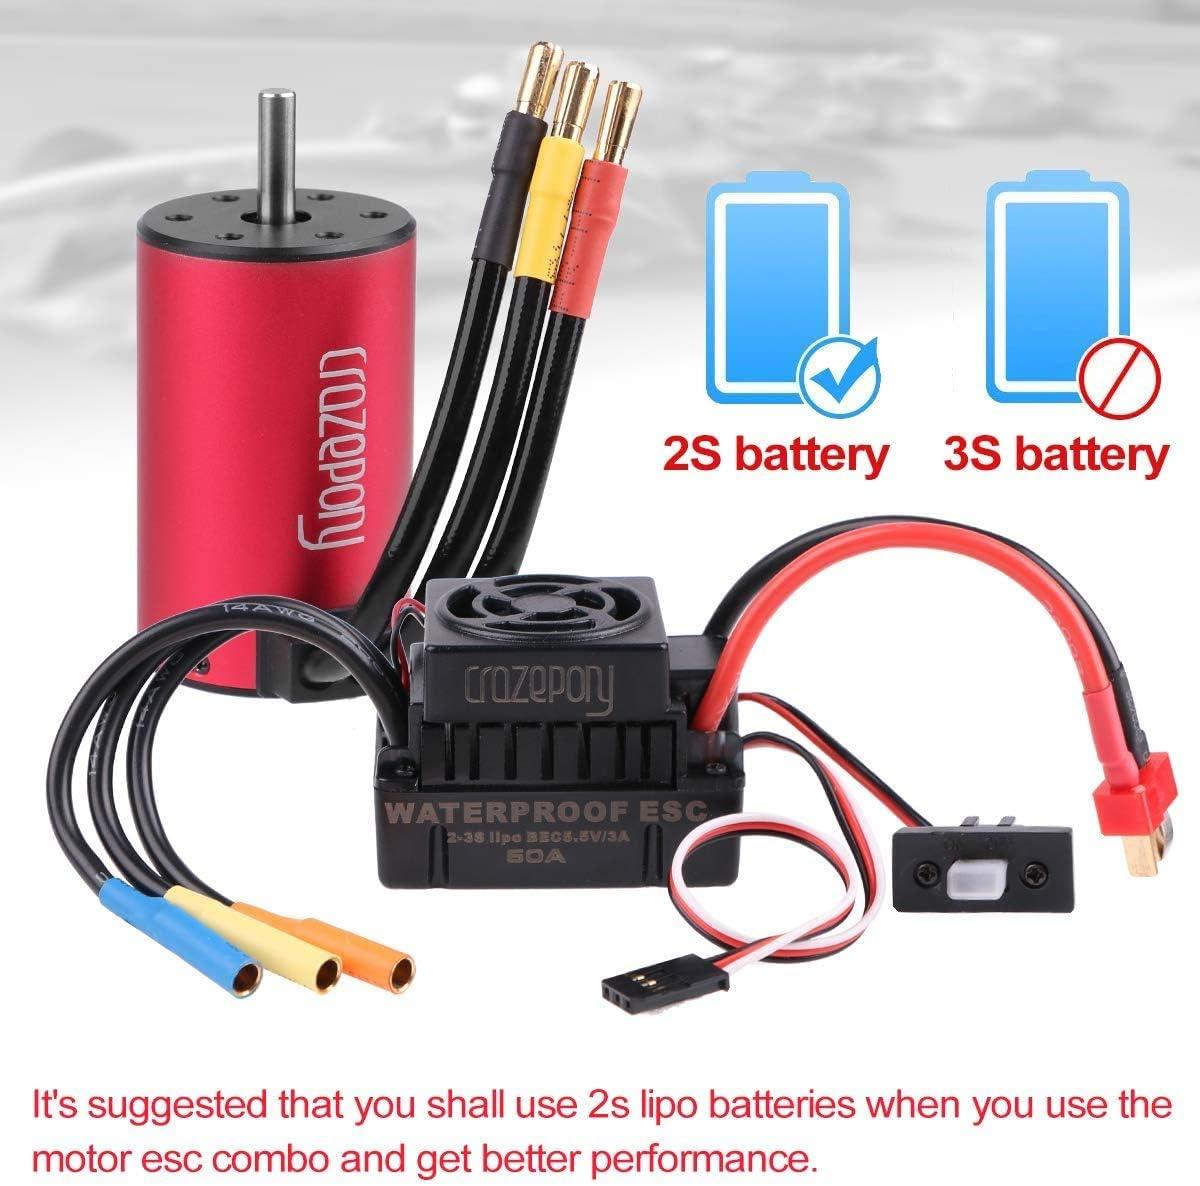 Use 2S Lipo Battery Hootracker Crazepony 3660 3800KV Sensorless Brushless Motor and 60A Brushless ESC Programming Card Motor ESC Combo for 1//10 RC Car Truck